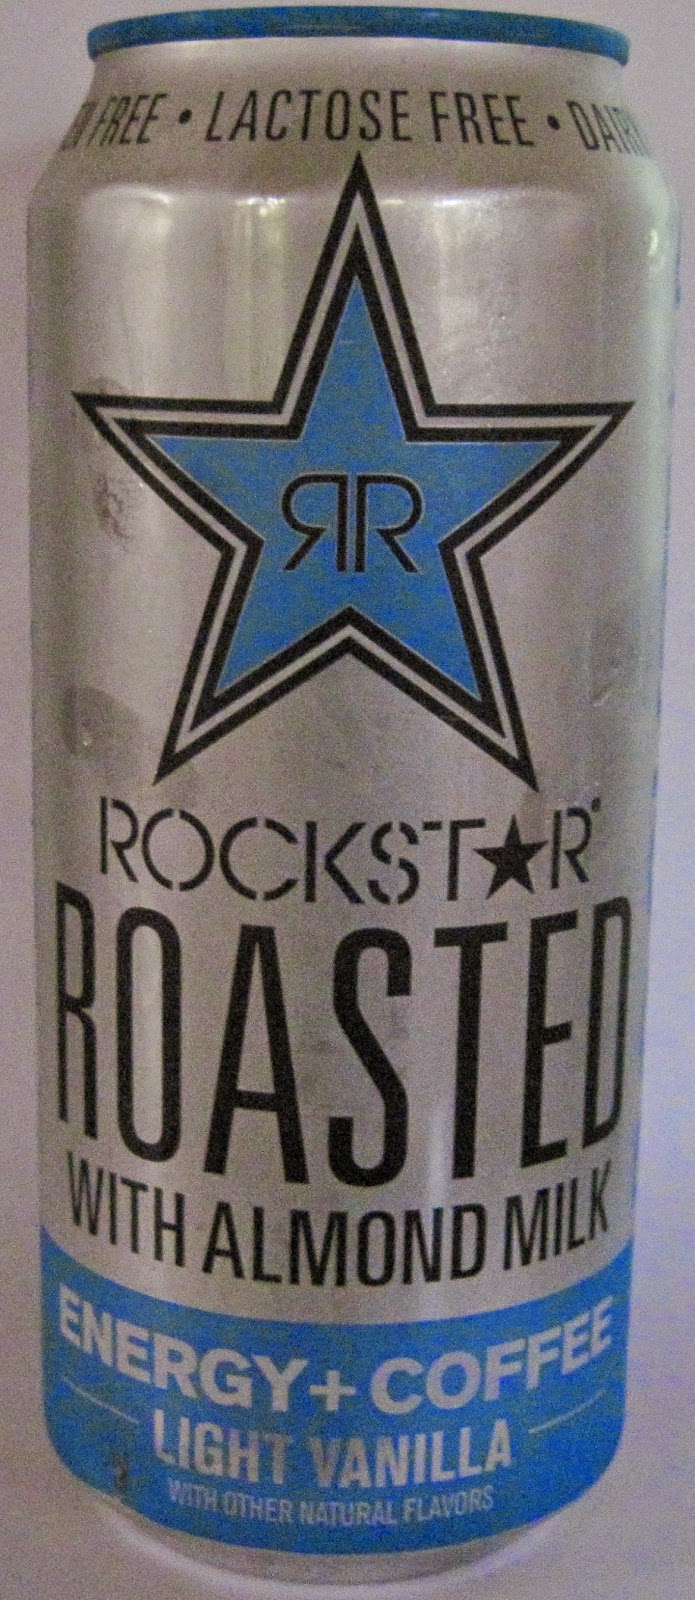 Caffeine King Rockstar Roasted With Almond Milk Light Vanilla